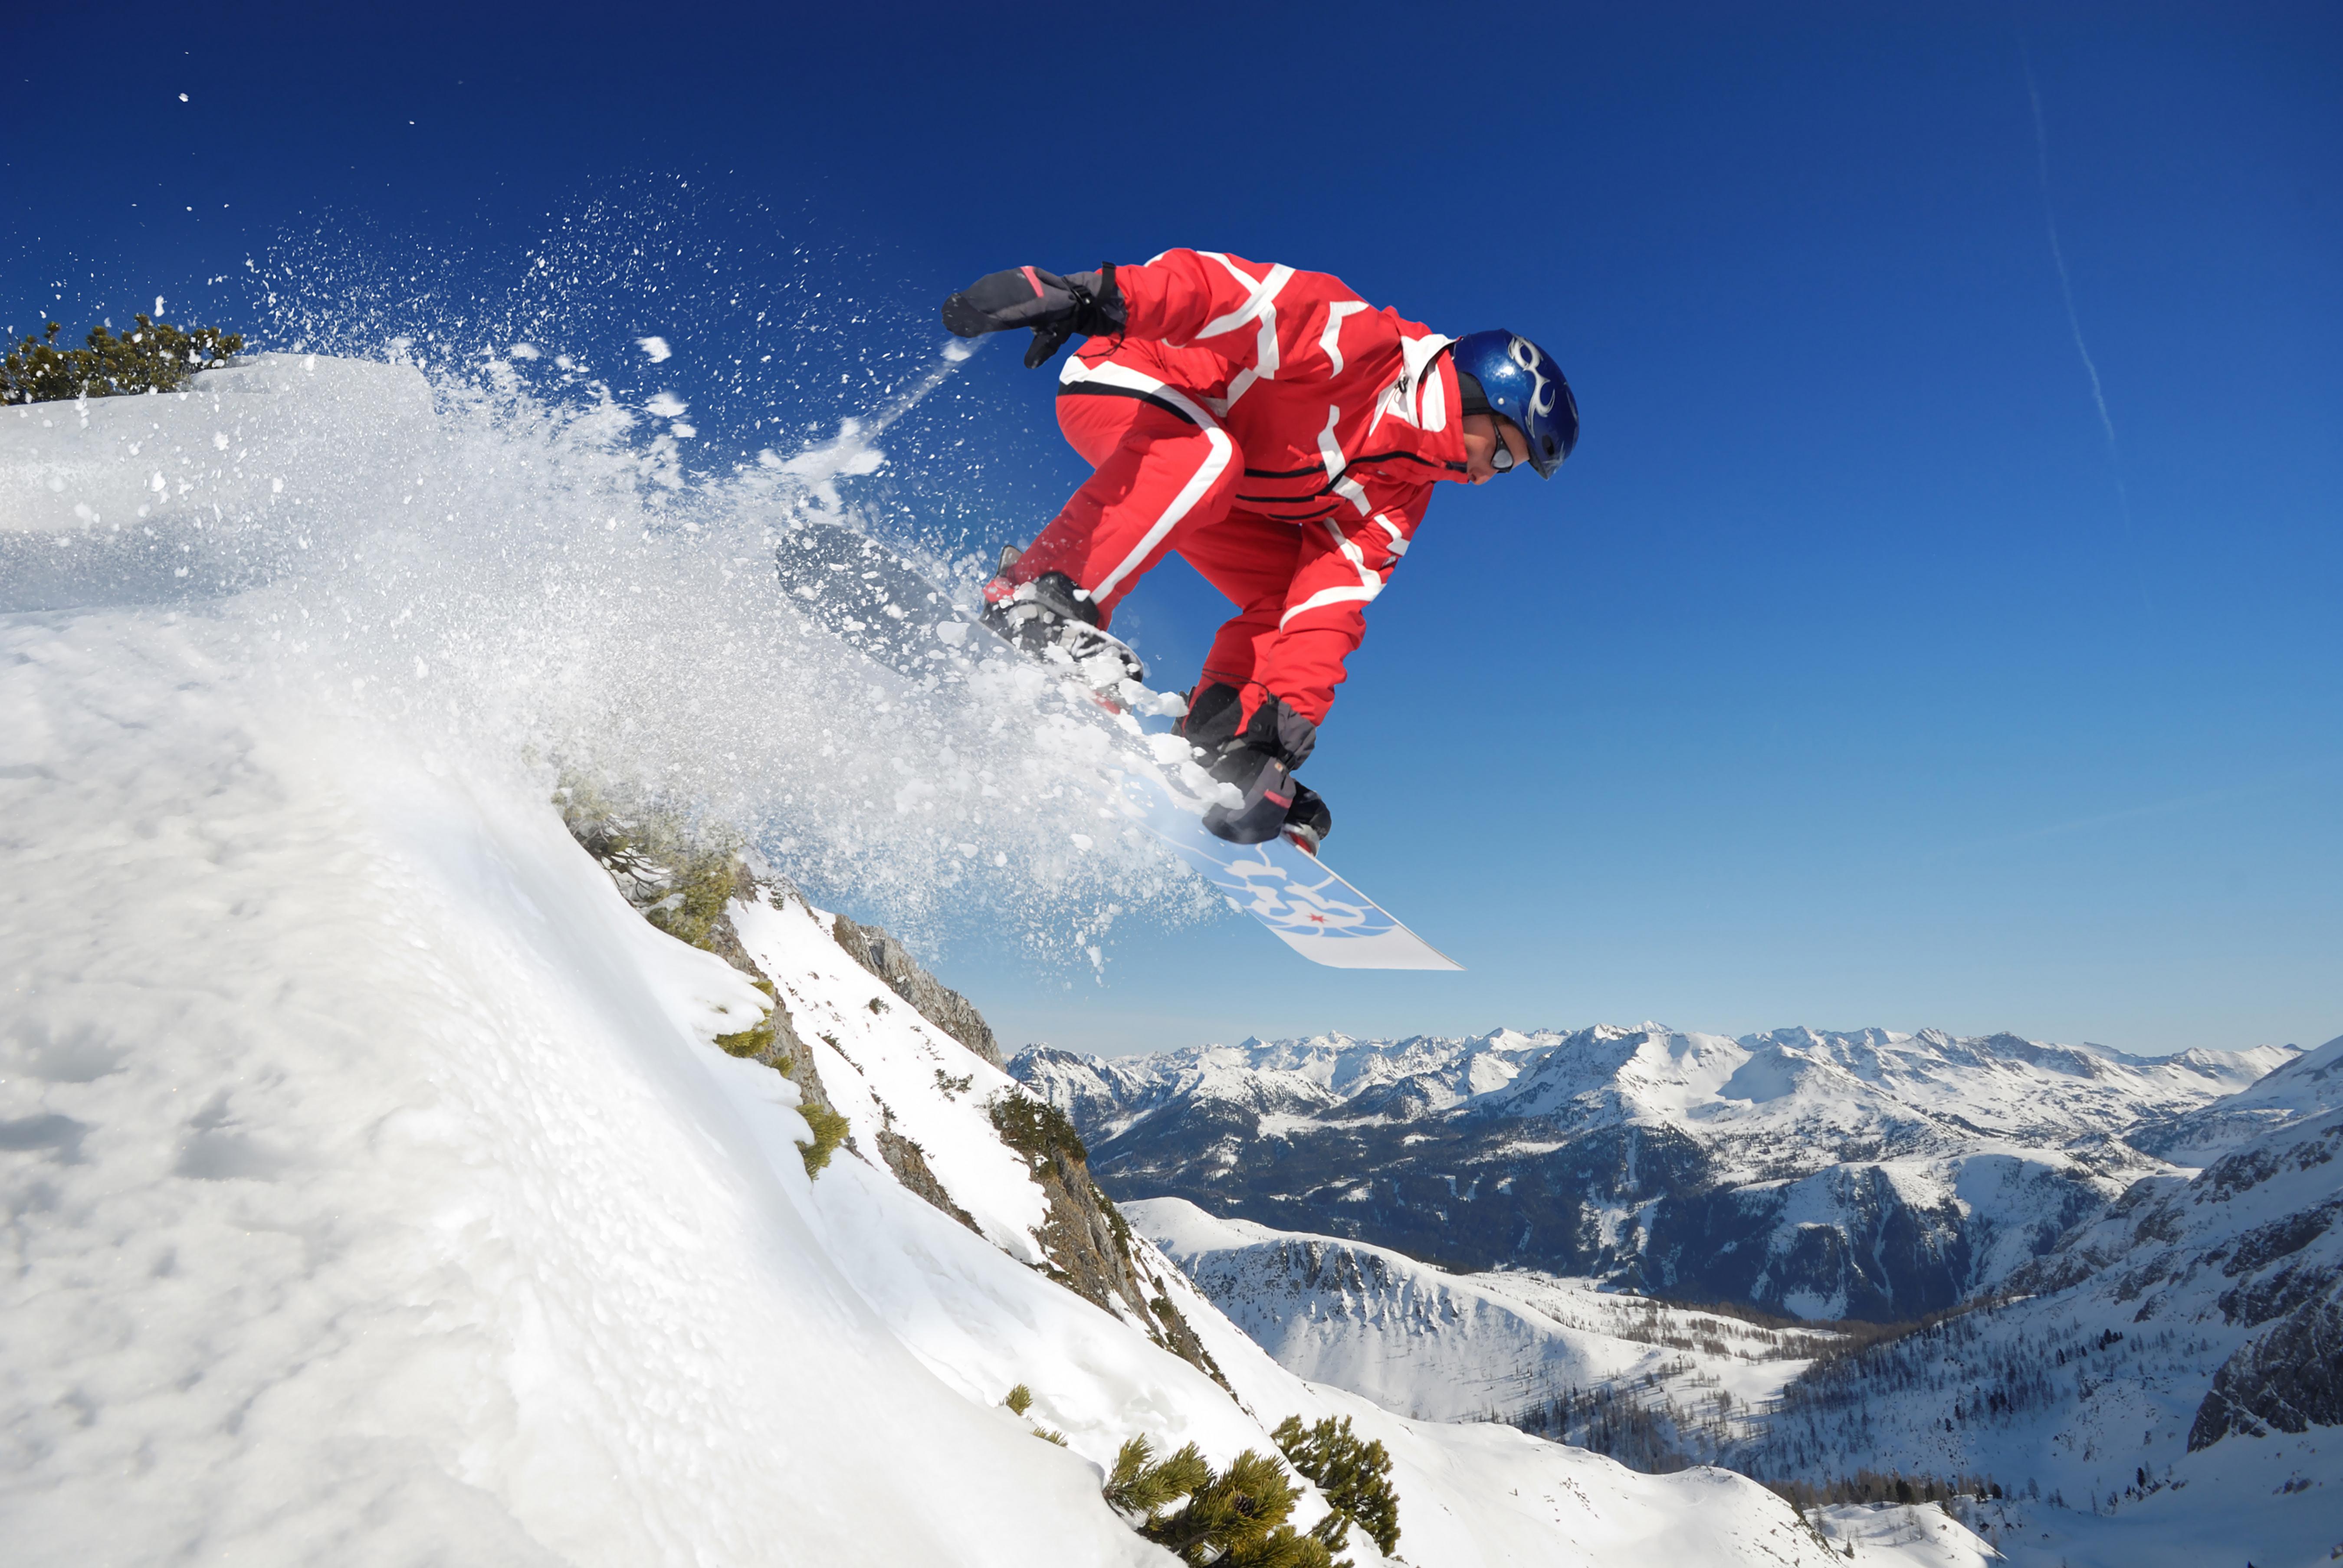 сноуборд картинки на рабочий причине разительного